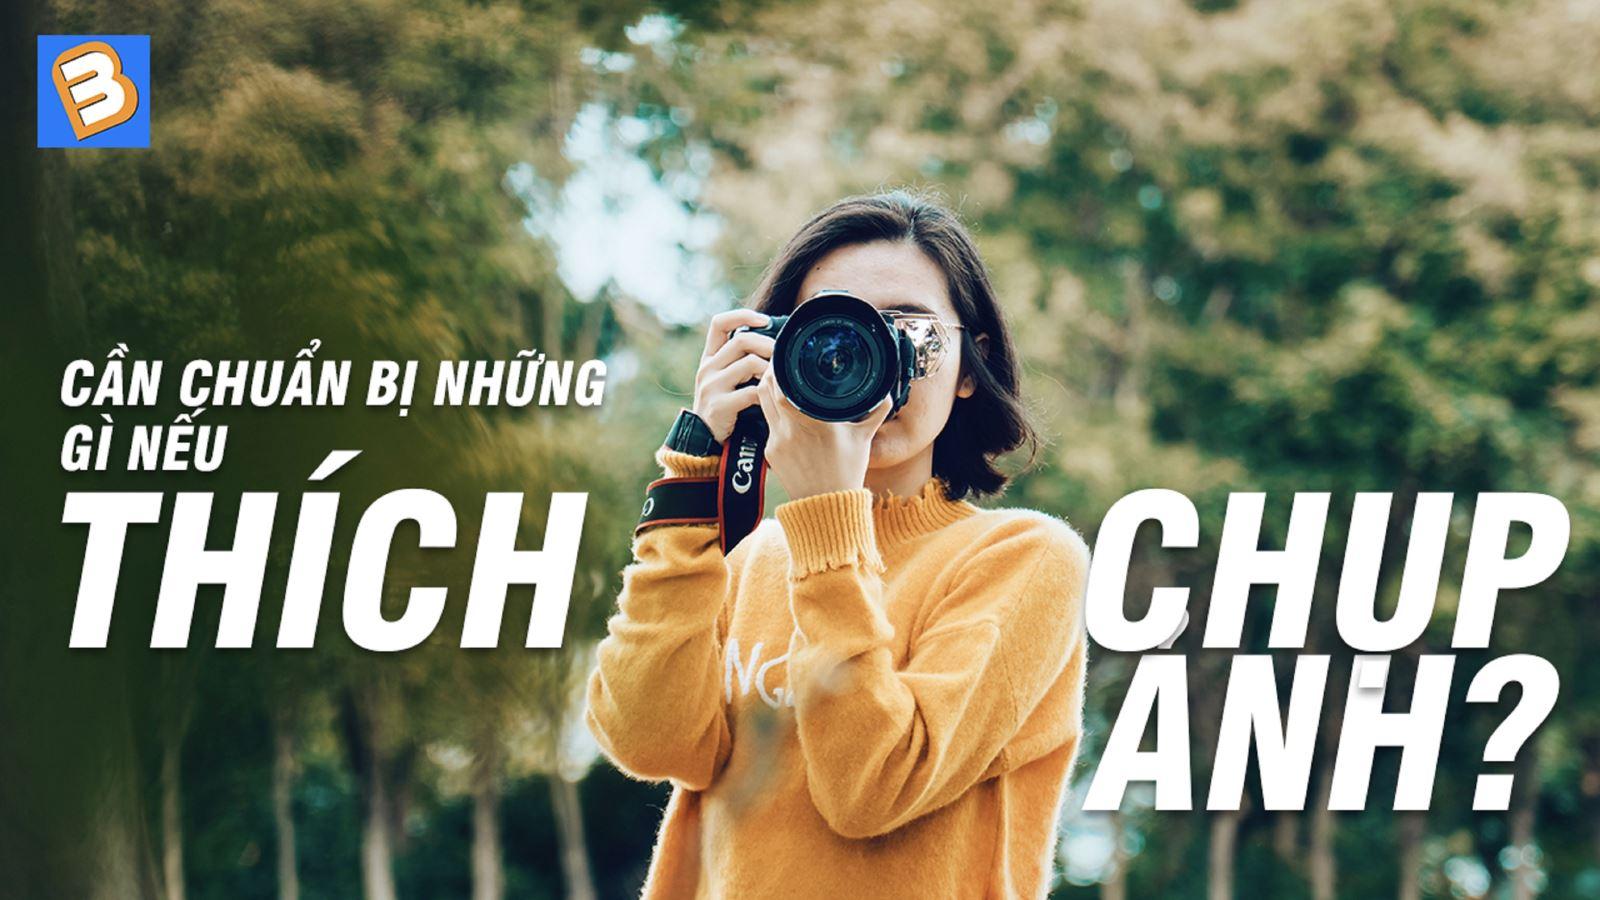 Cần chuẩn bị những gì nếu thích chụp ảnh nhỉ?